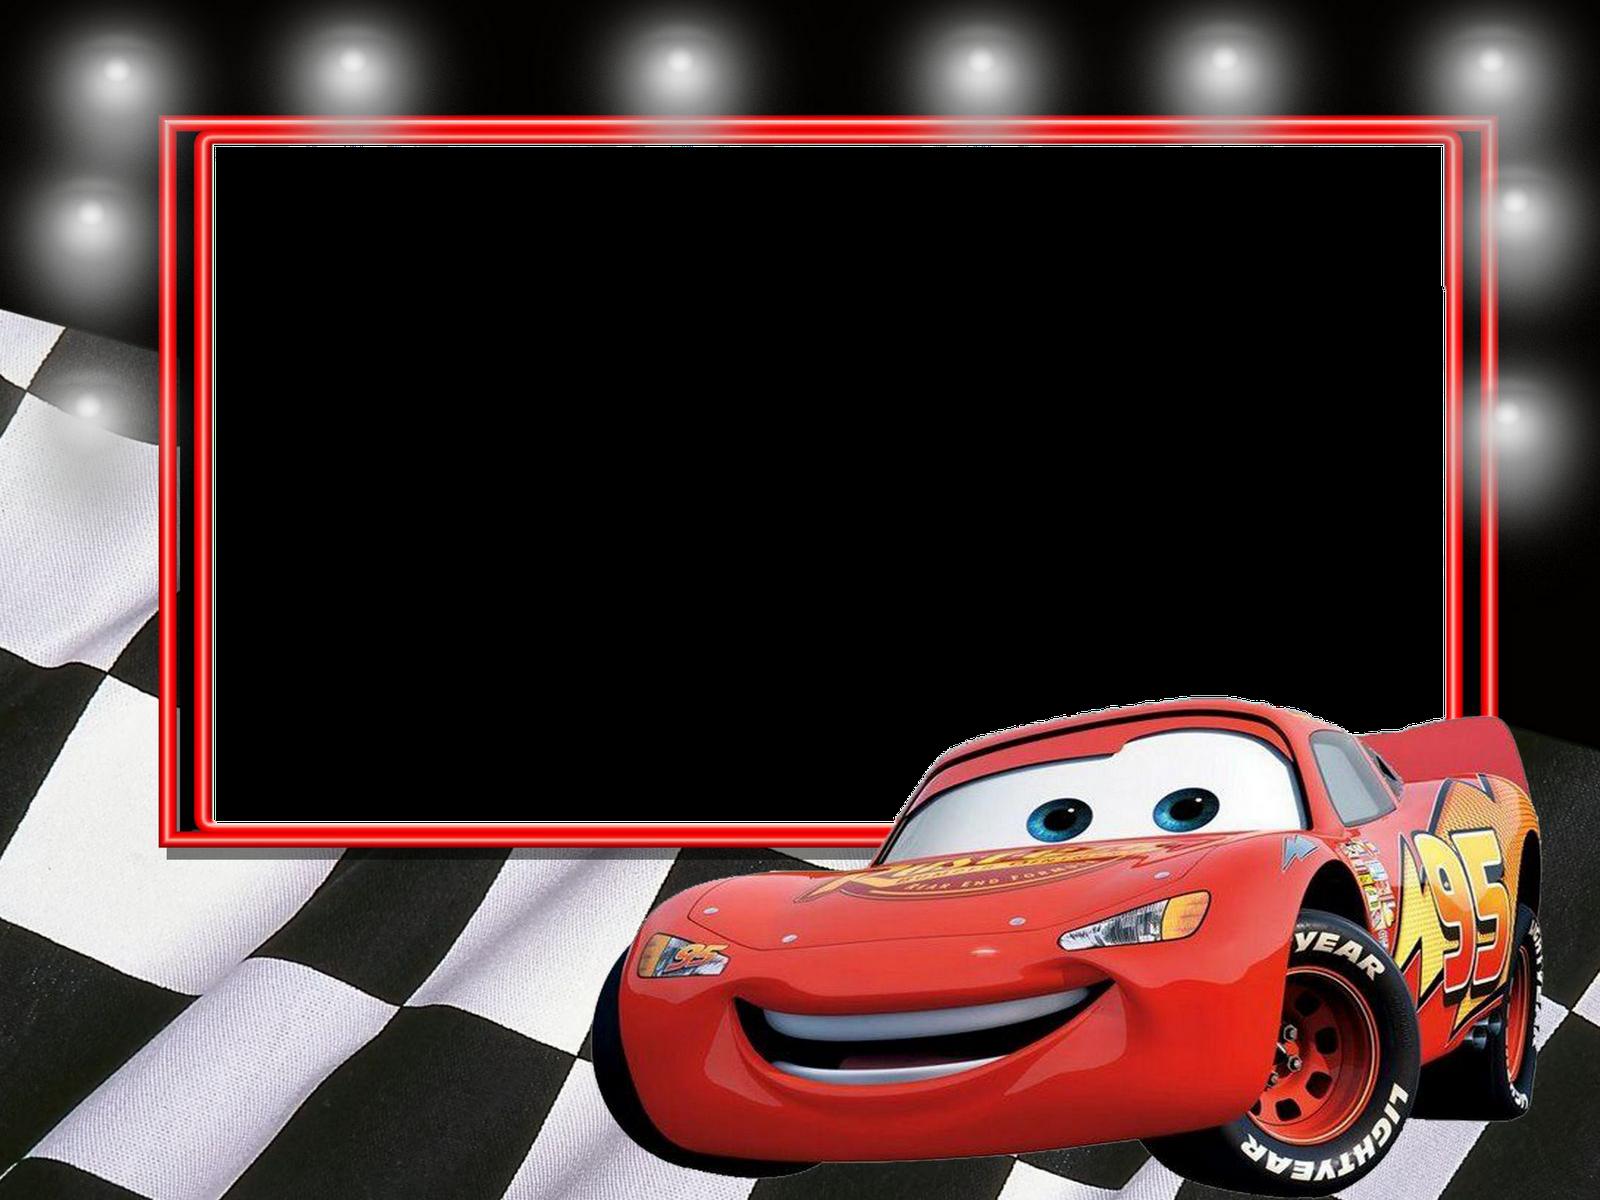 Pixar Cars Wallpaper Border De Fotos Para Marcos De Cars Imagui